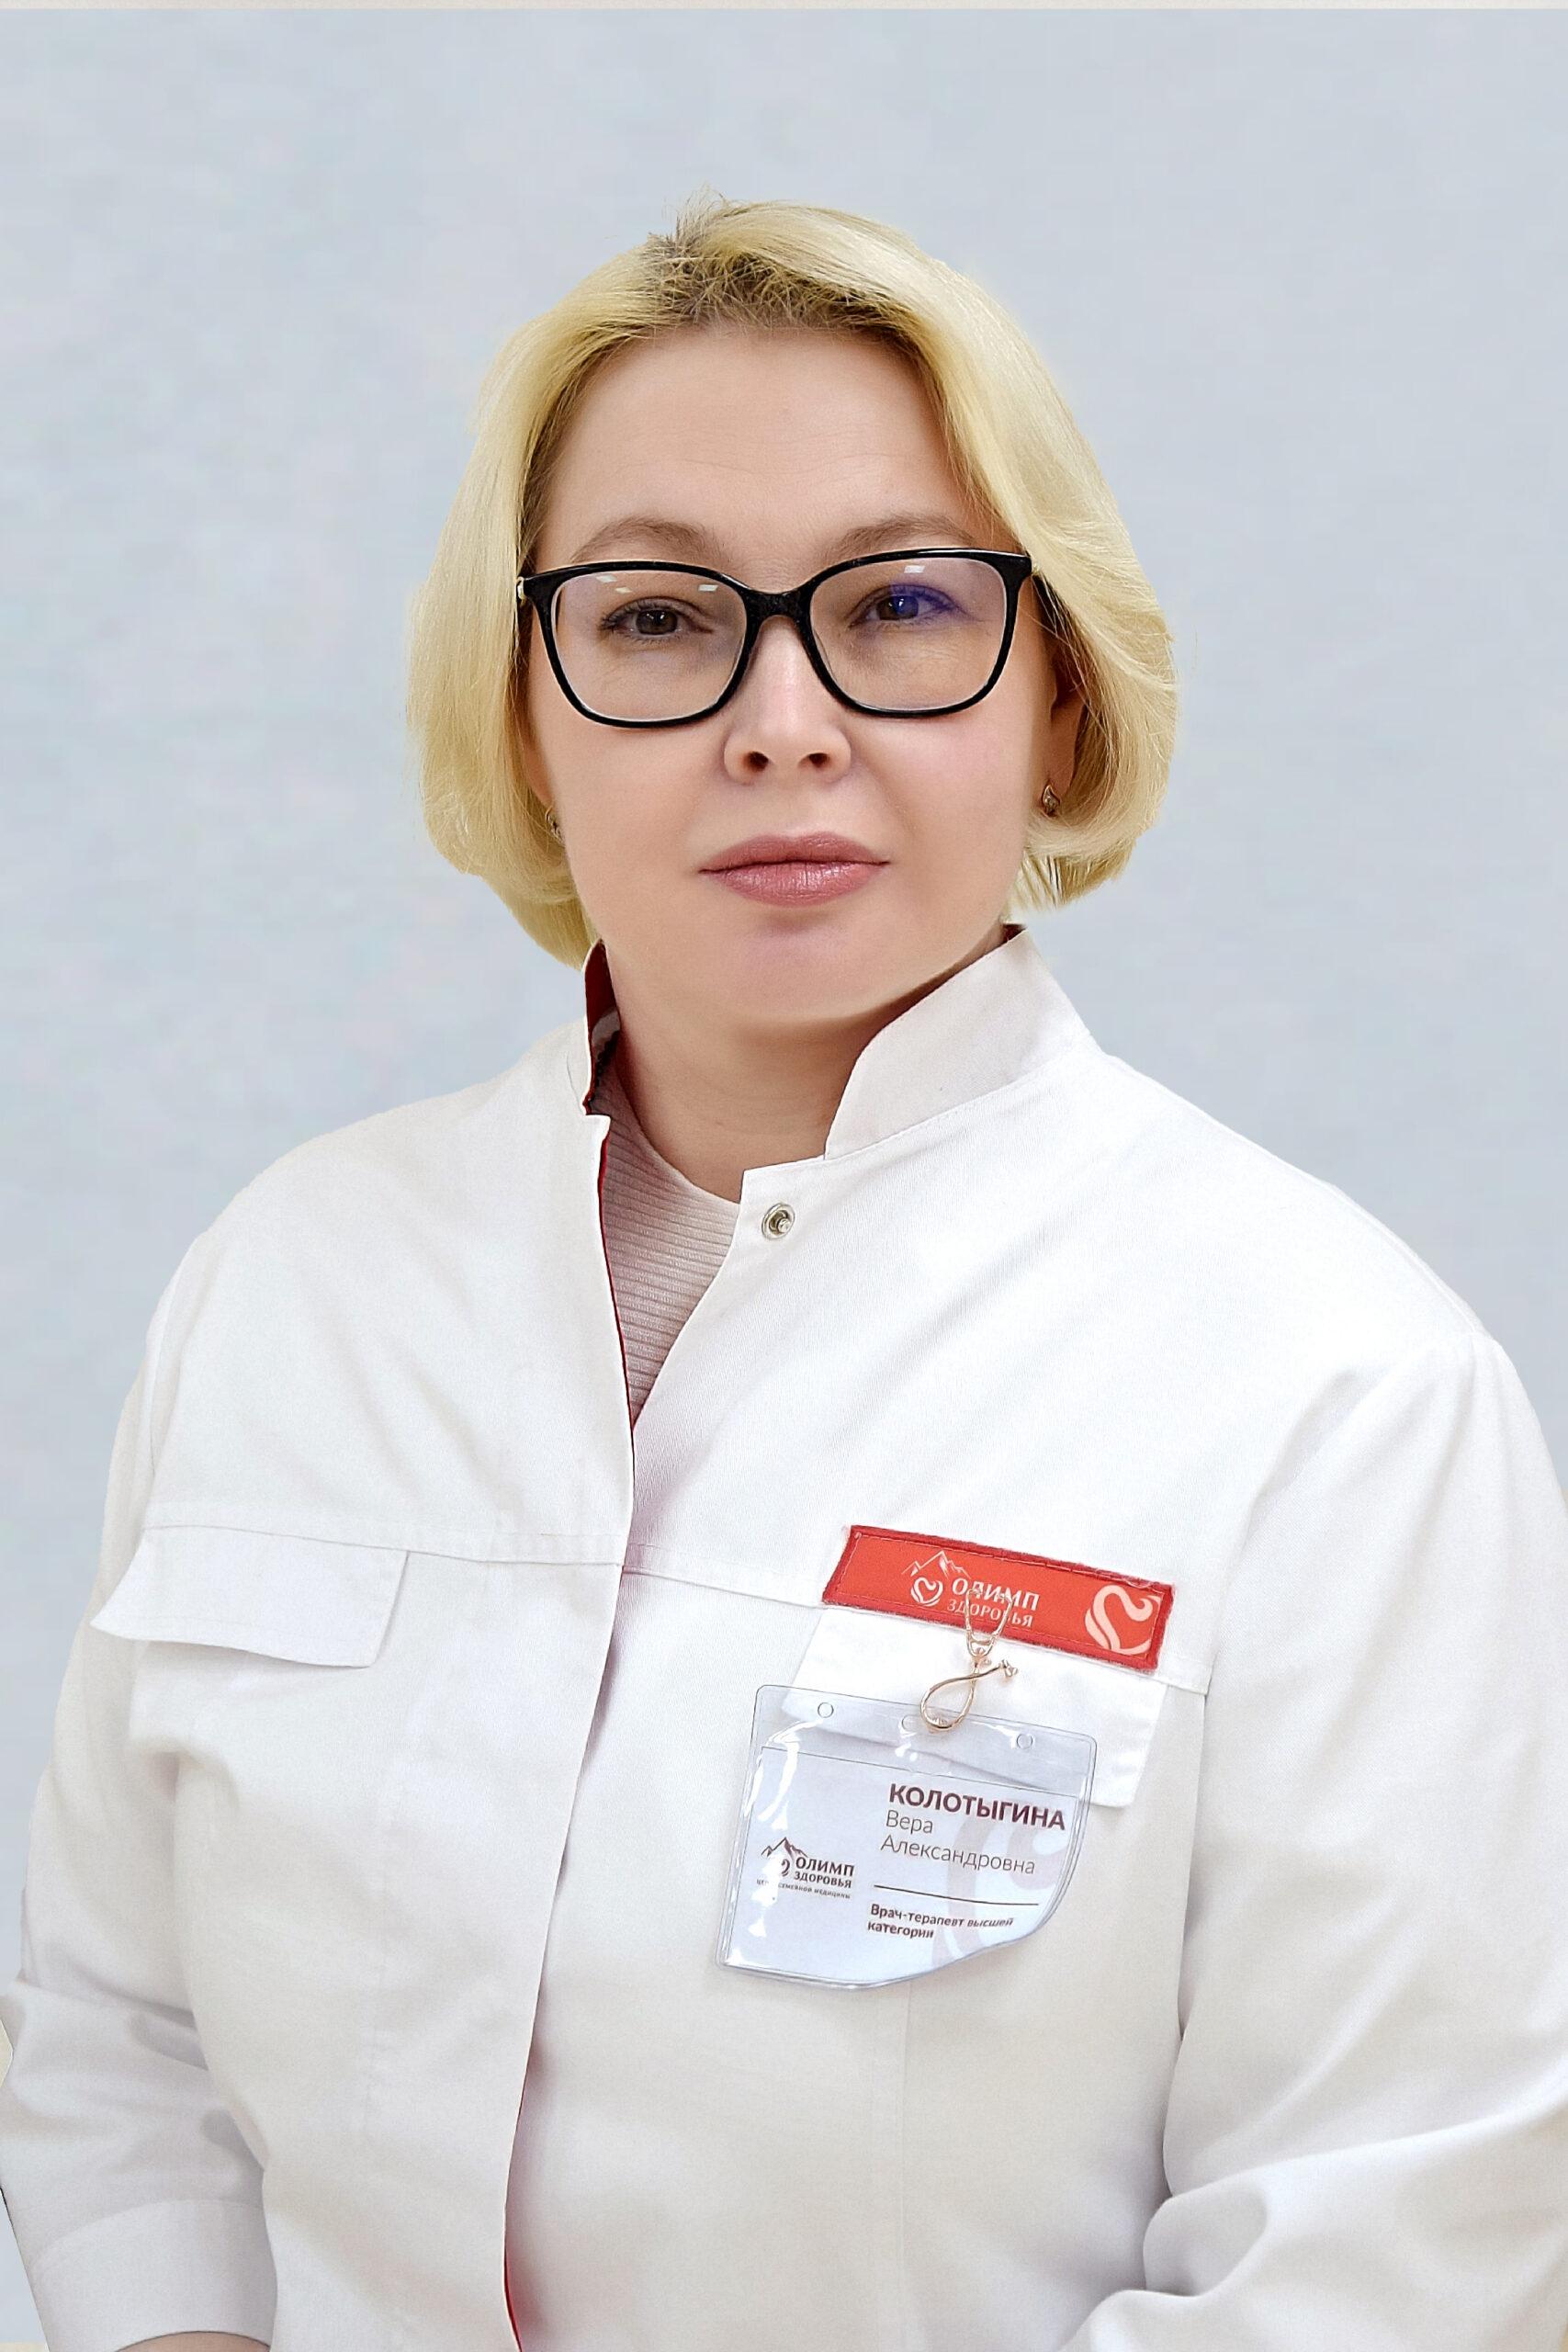 Колотыгина Вера Александровна